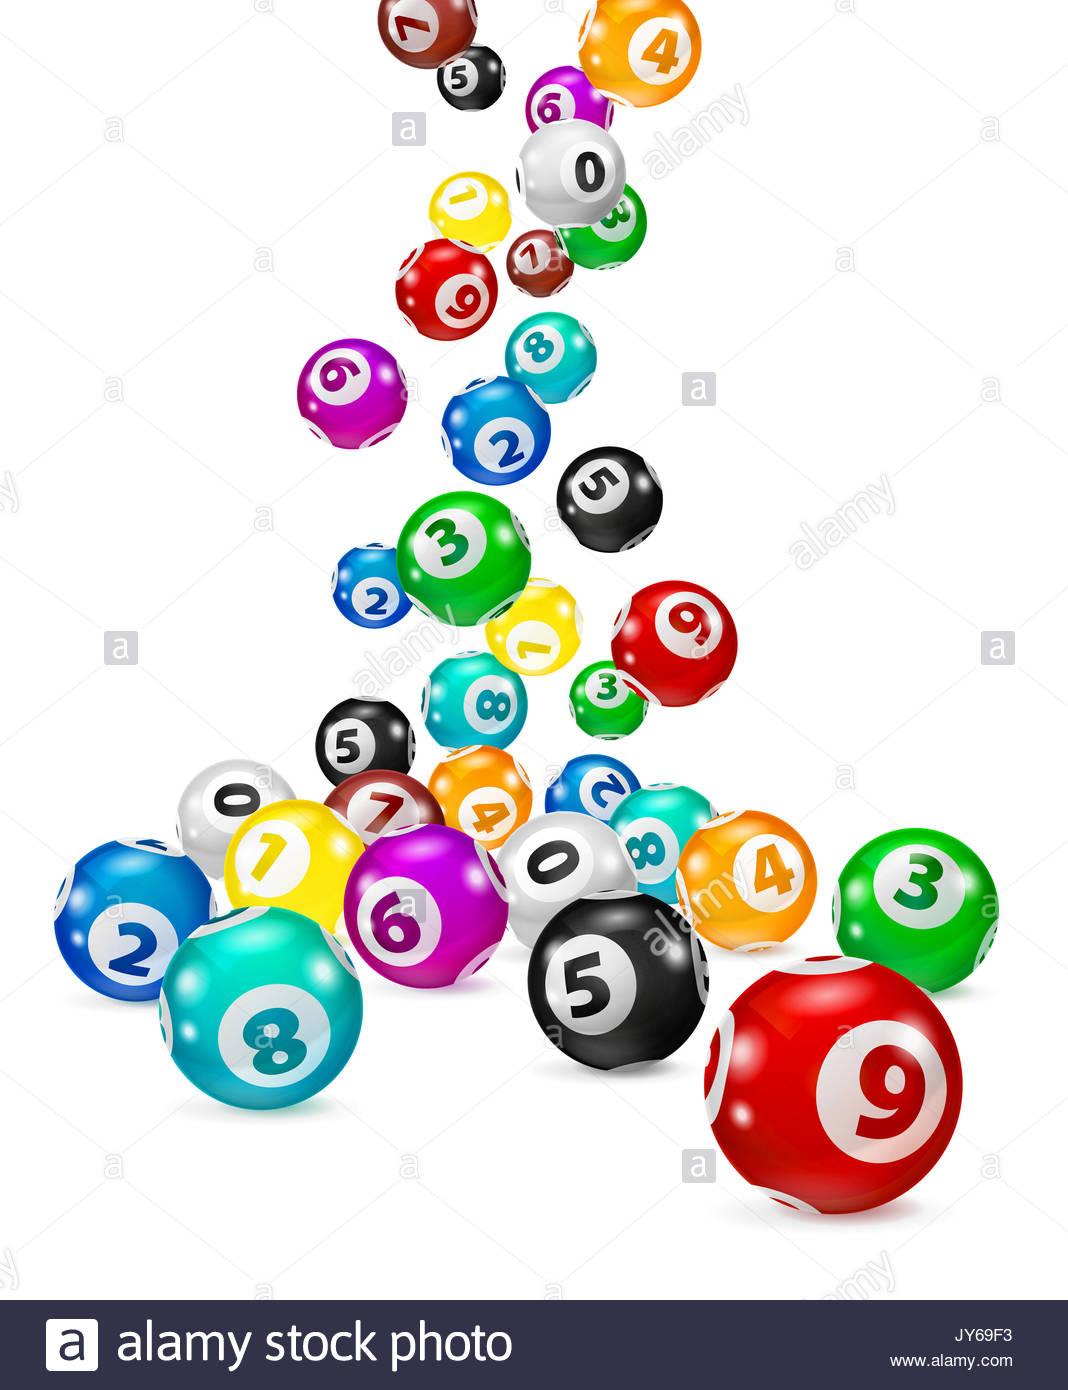 1068x1390 Bingo Game Abstract Stock Photos Amp